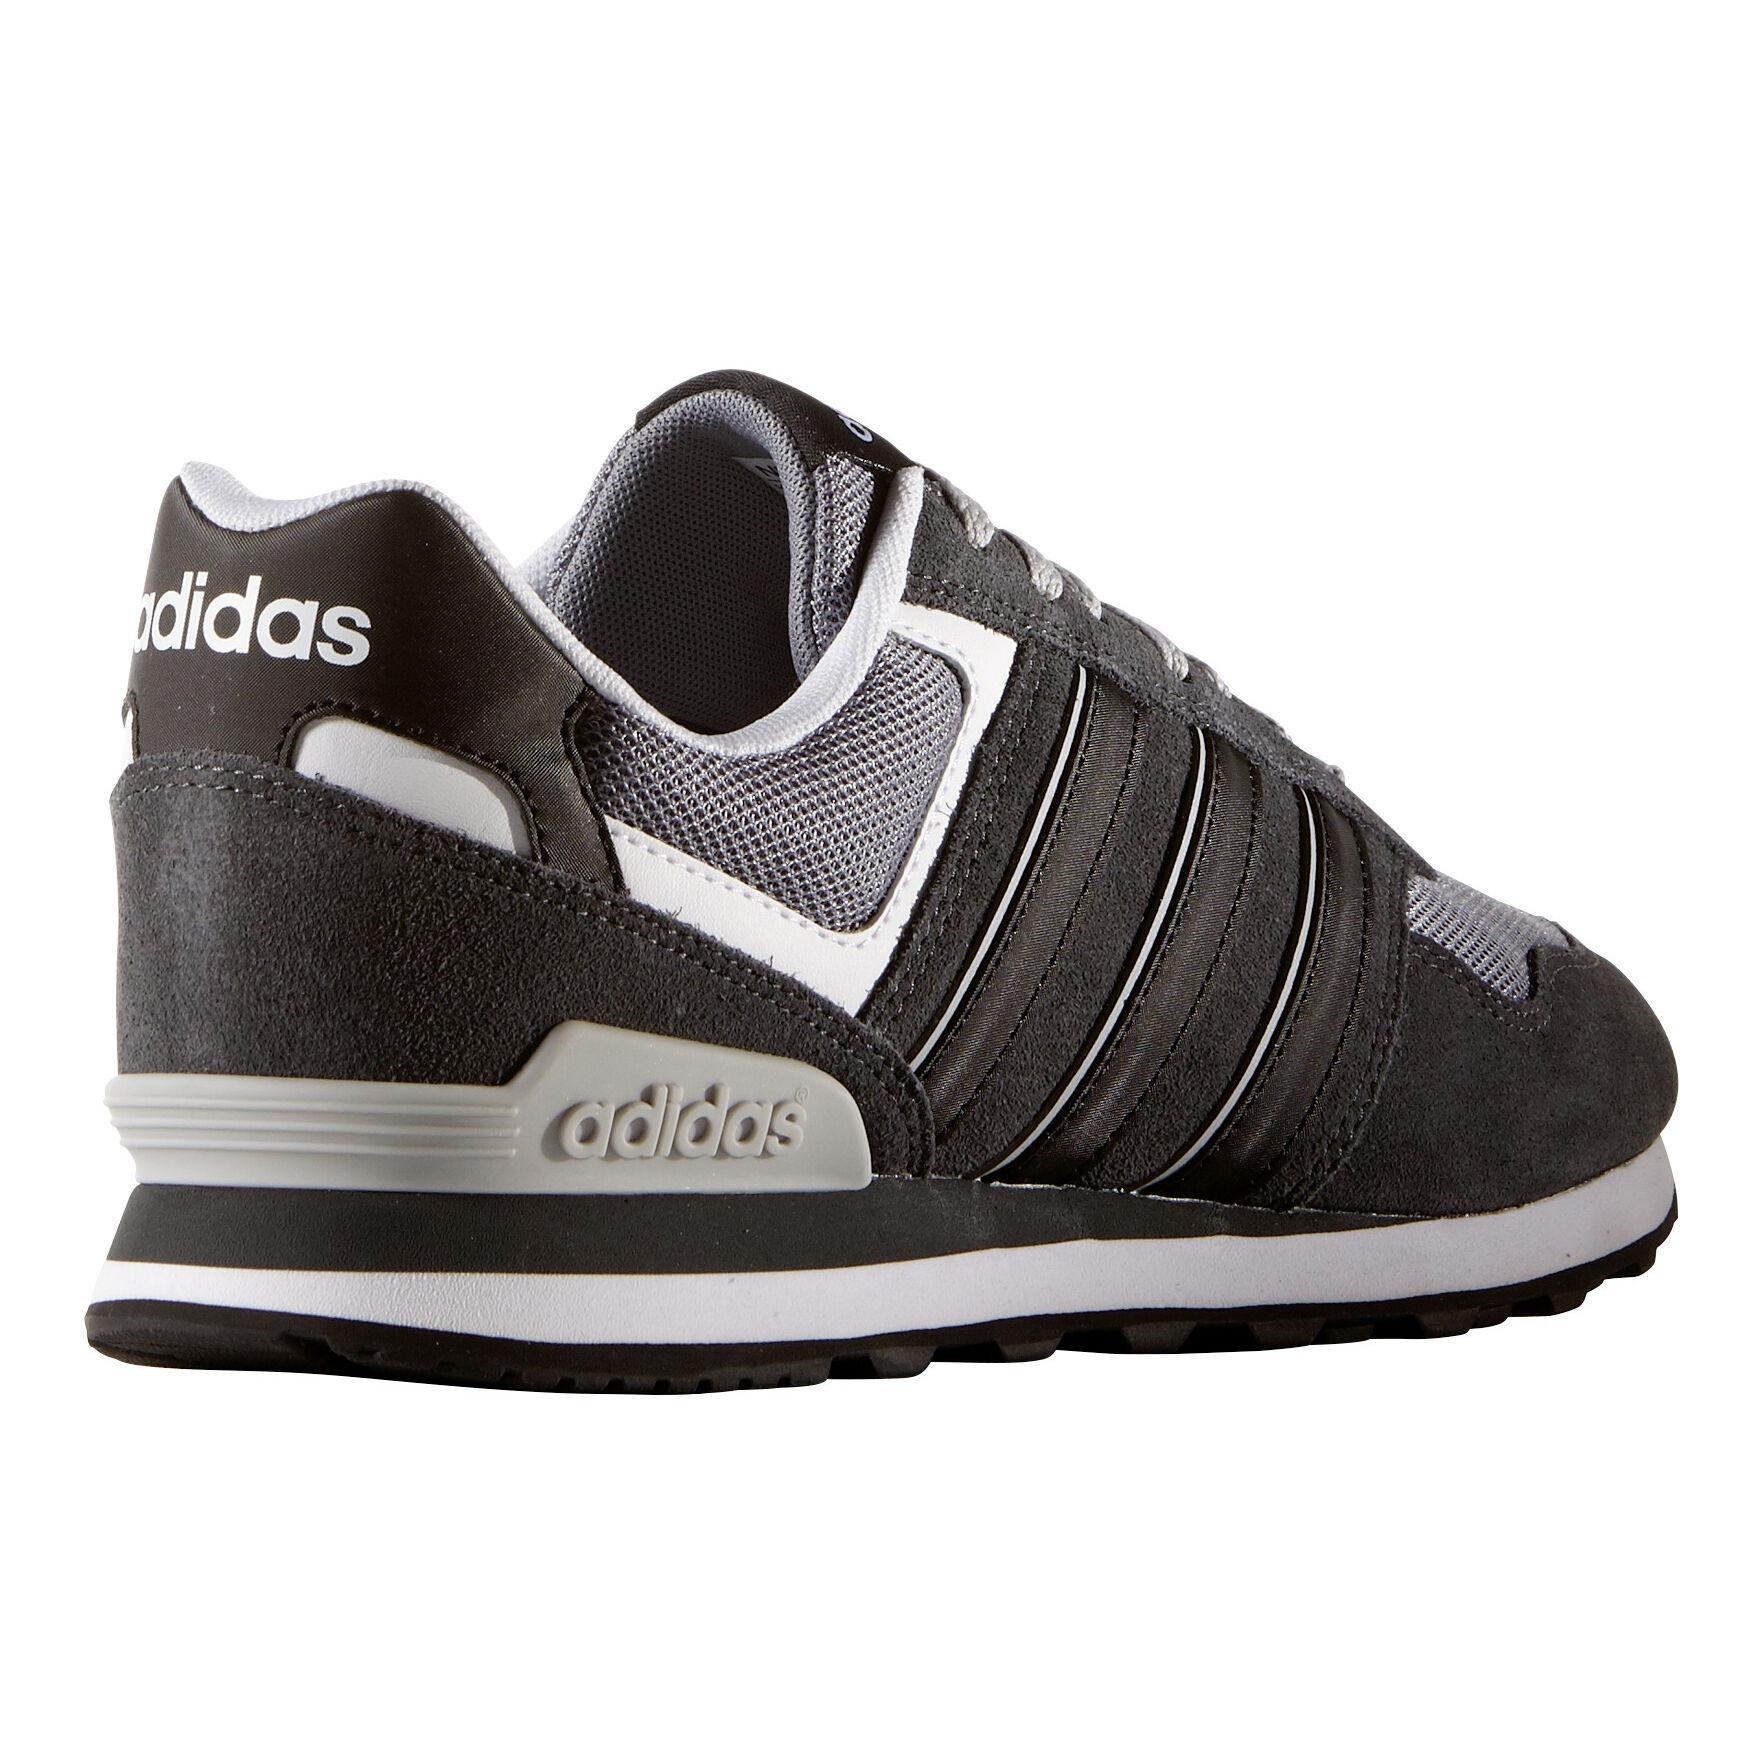 adidas NEO 10K Sneaker Herren Grau, Schwarz online kaufen